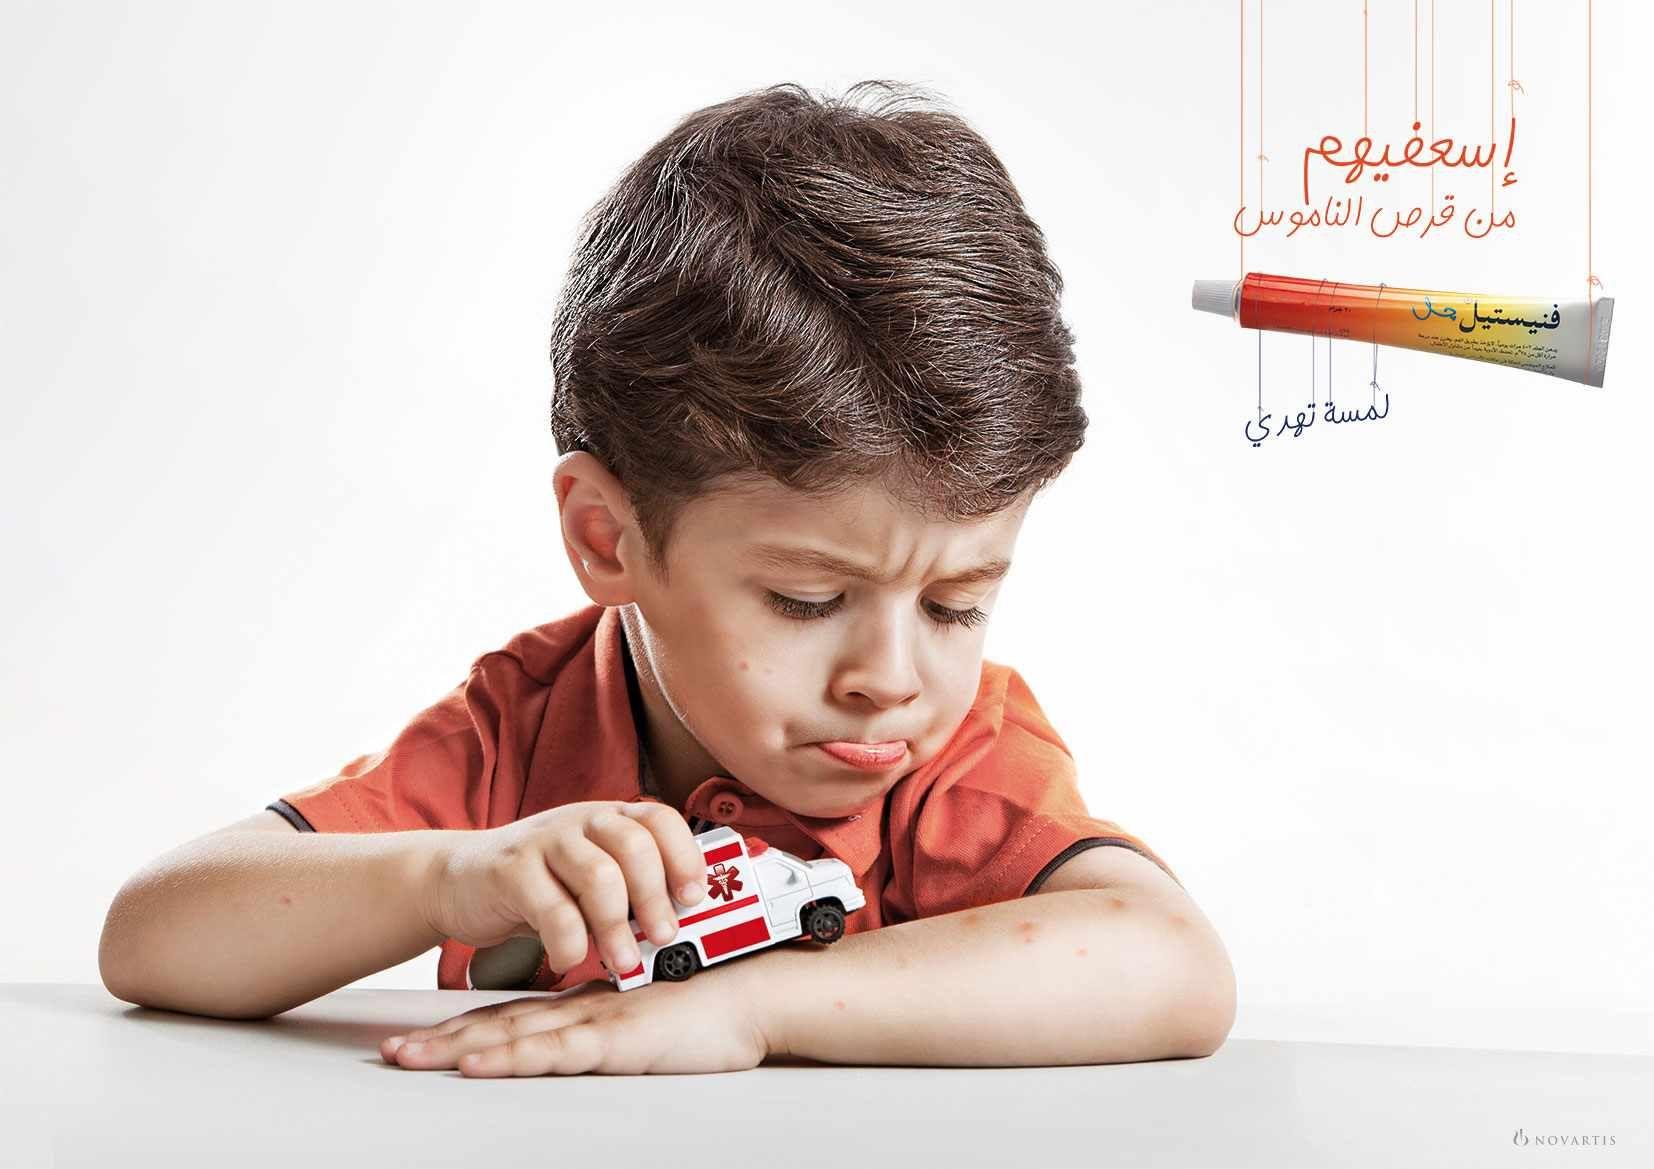 Fenistil Gel Aid Them Ambulance Ads Of The World Publicidad Grafica Publicidad Graficos